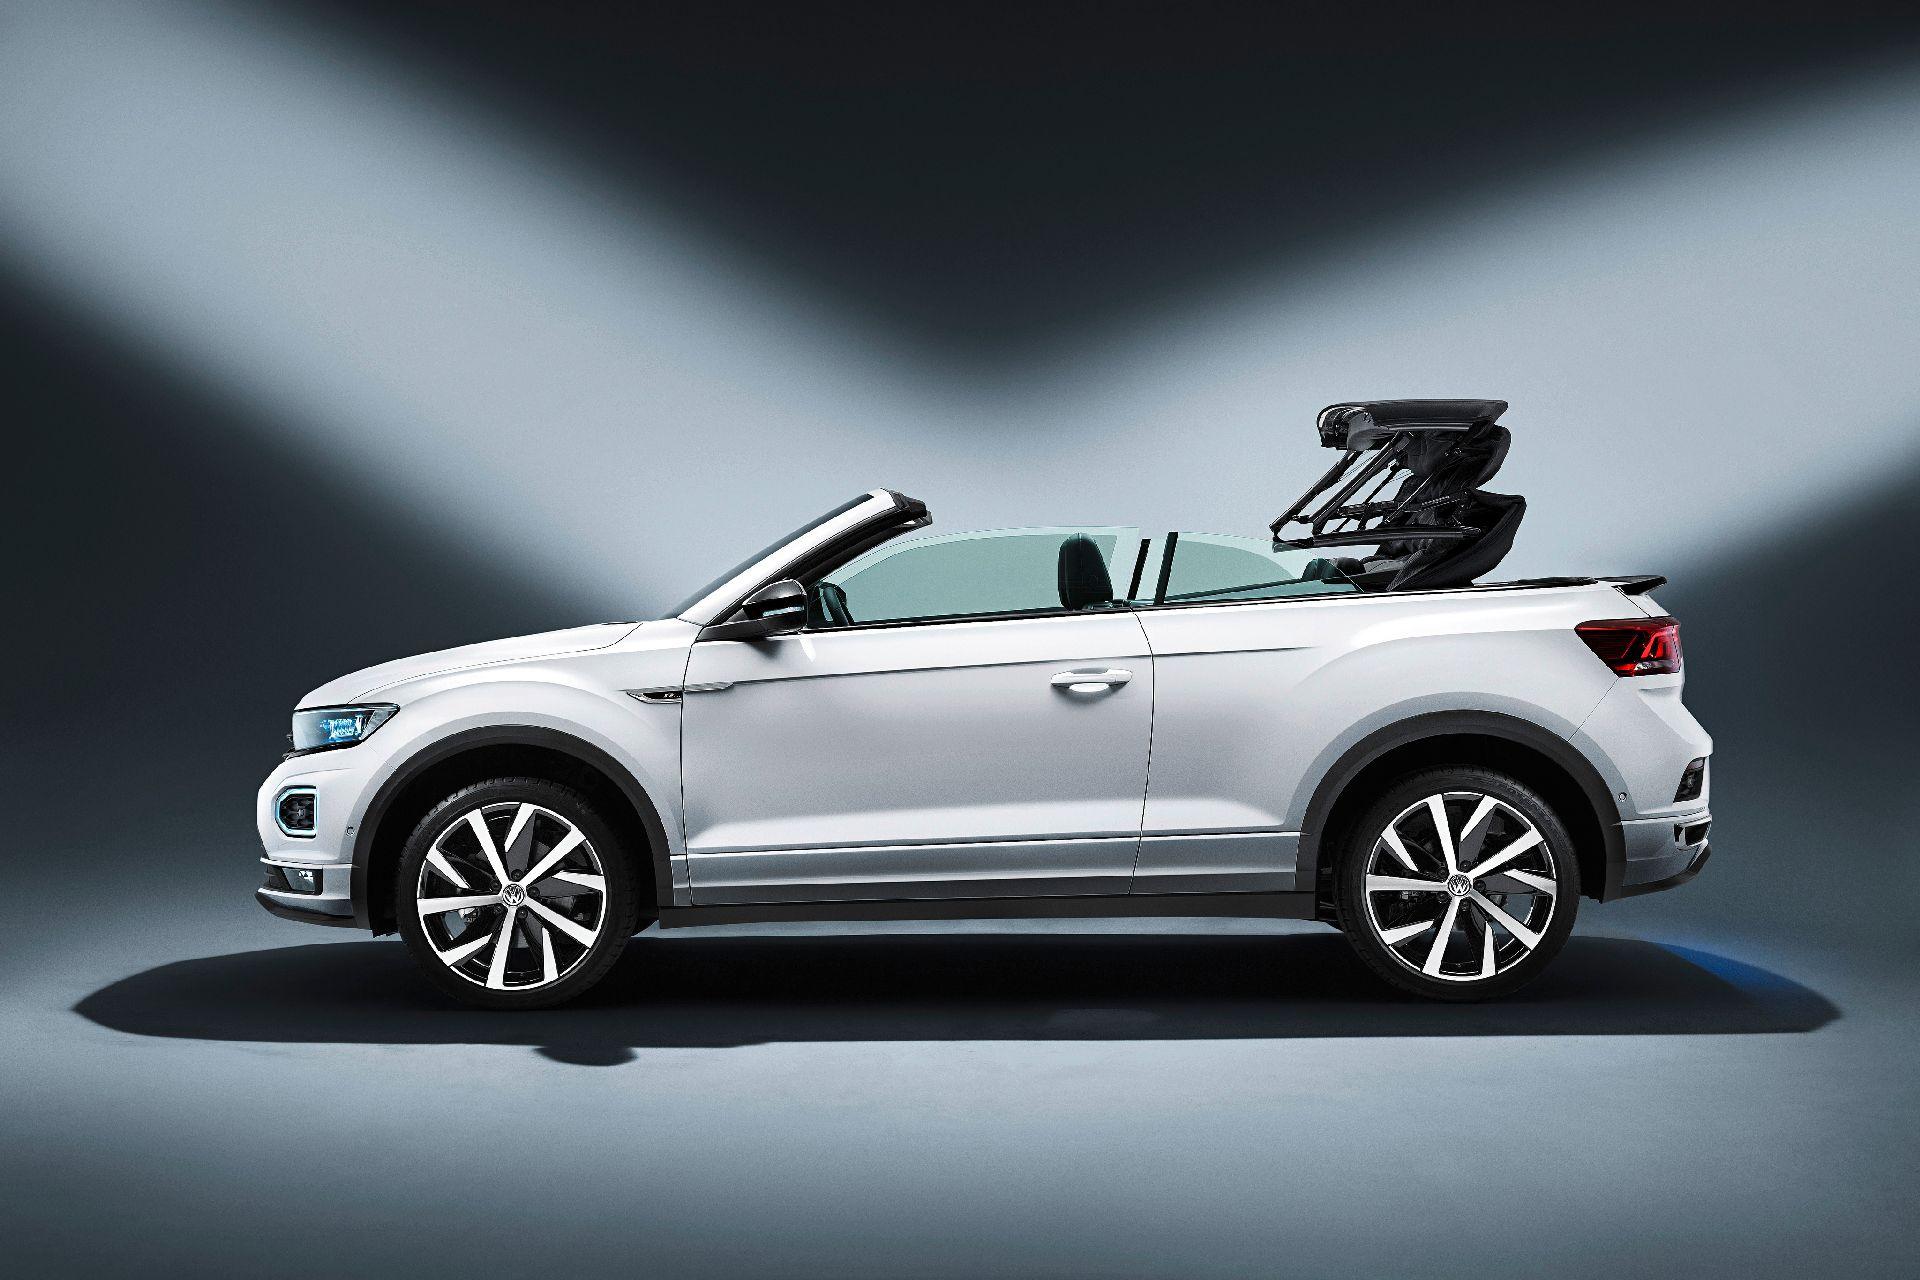 Volkswagen'den üstü açılabilen crossover: T-Roc Cabriolet